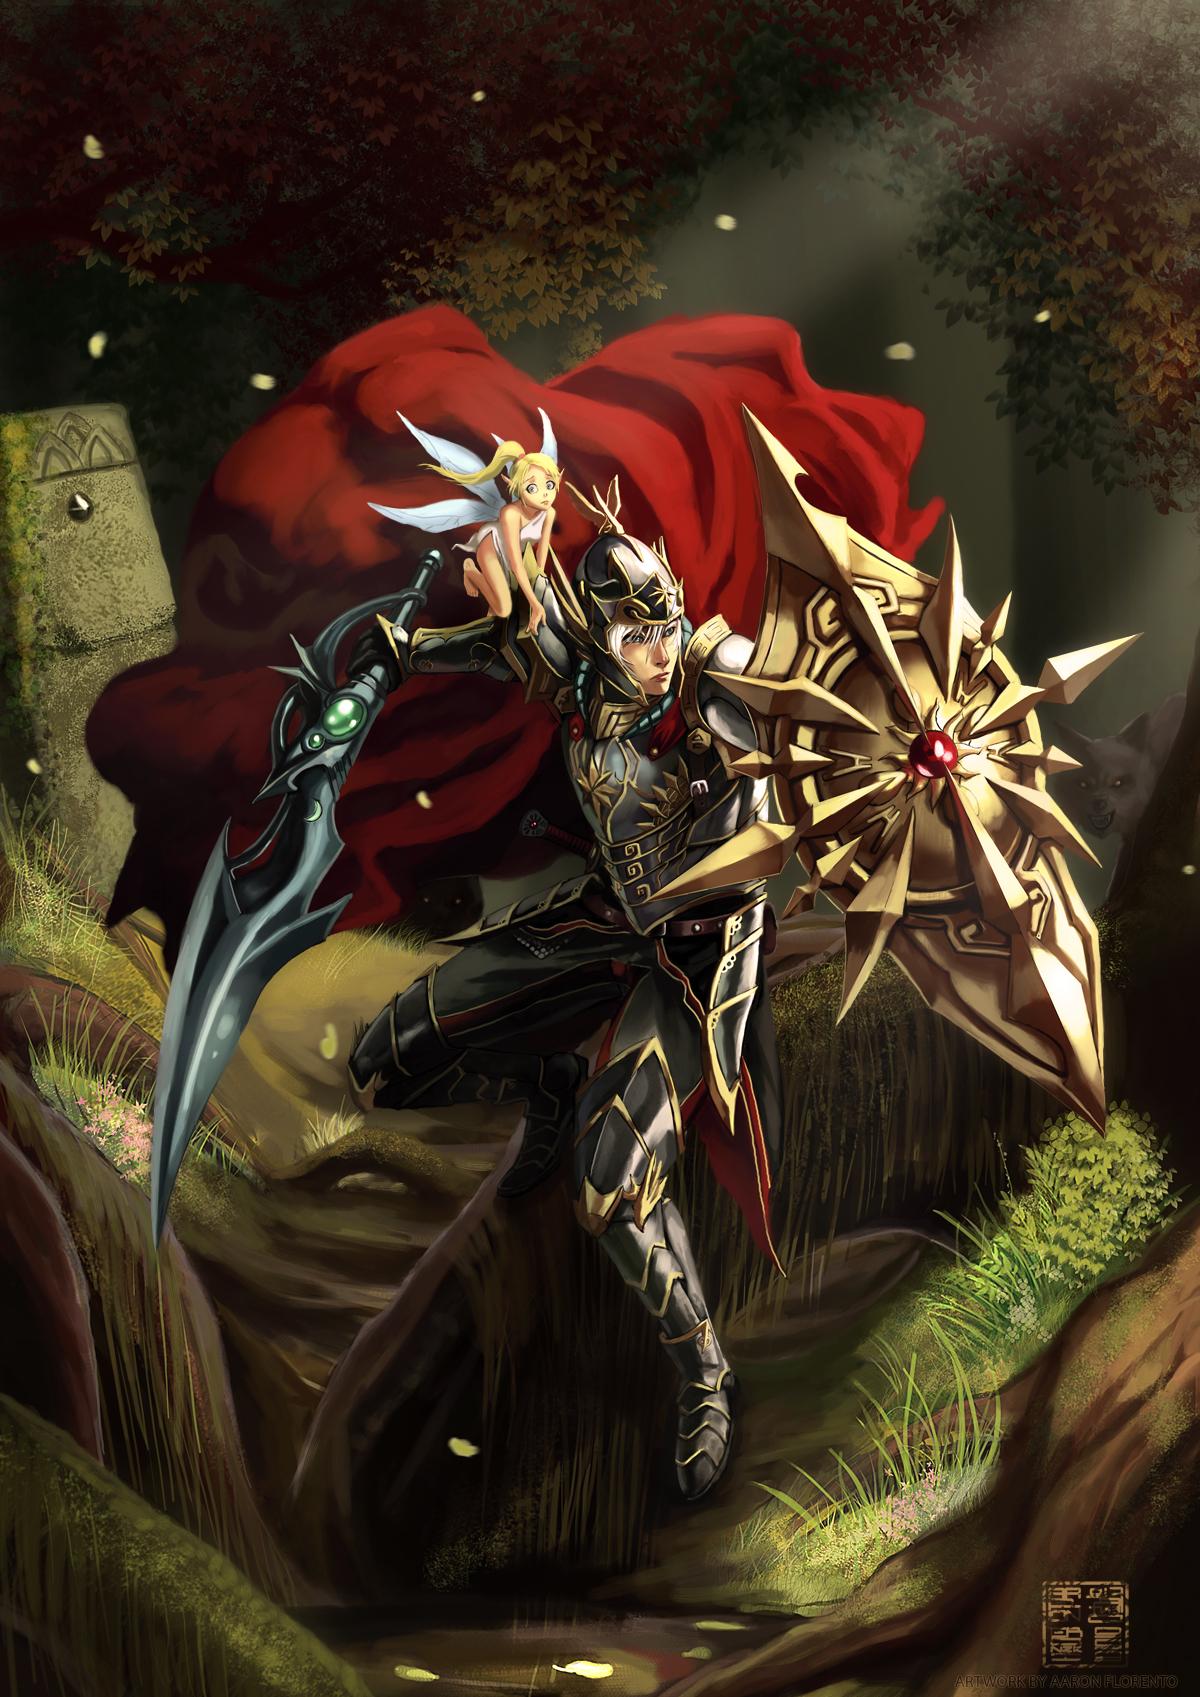 FEZ contest: Warrior and Fairy by eronzki999